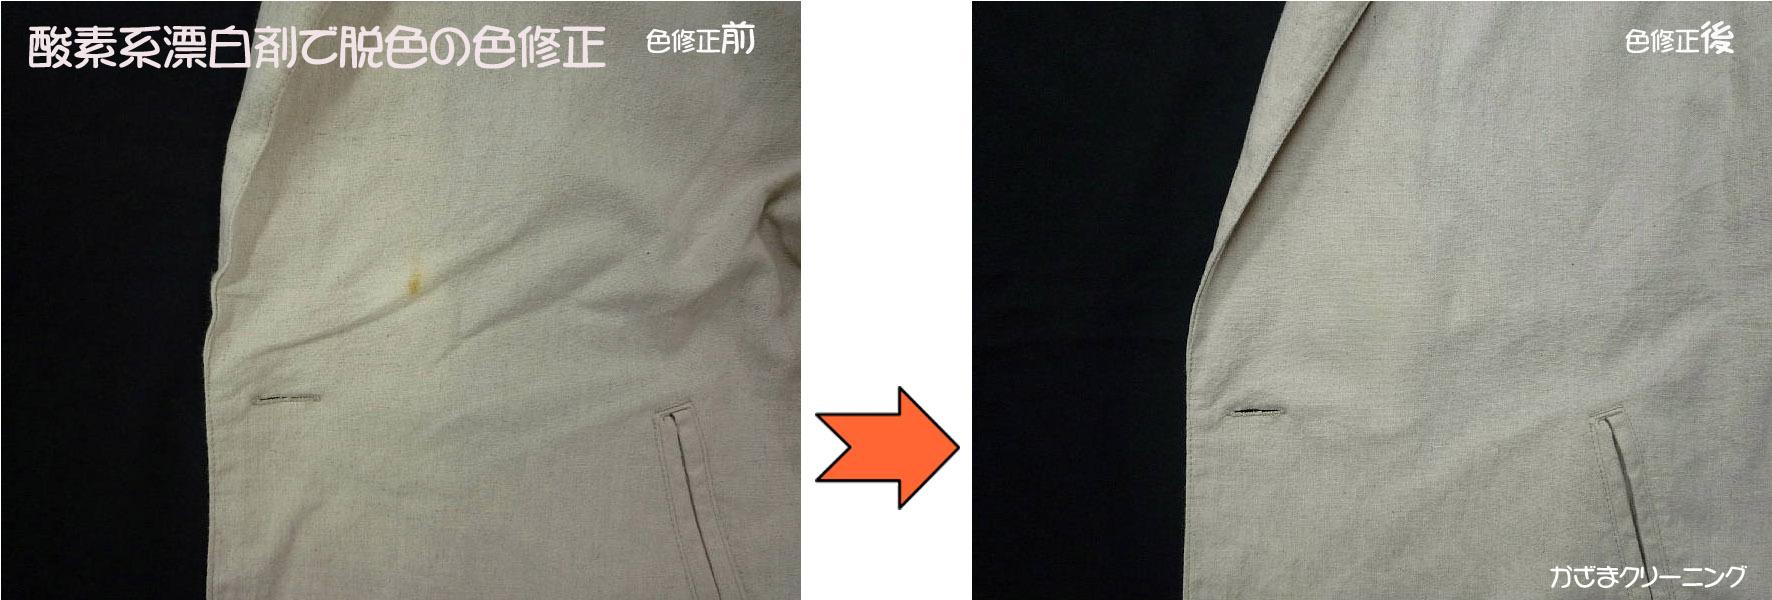 酸素系漂白剤で脱色したジャケットの色修正